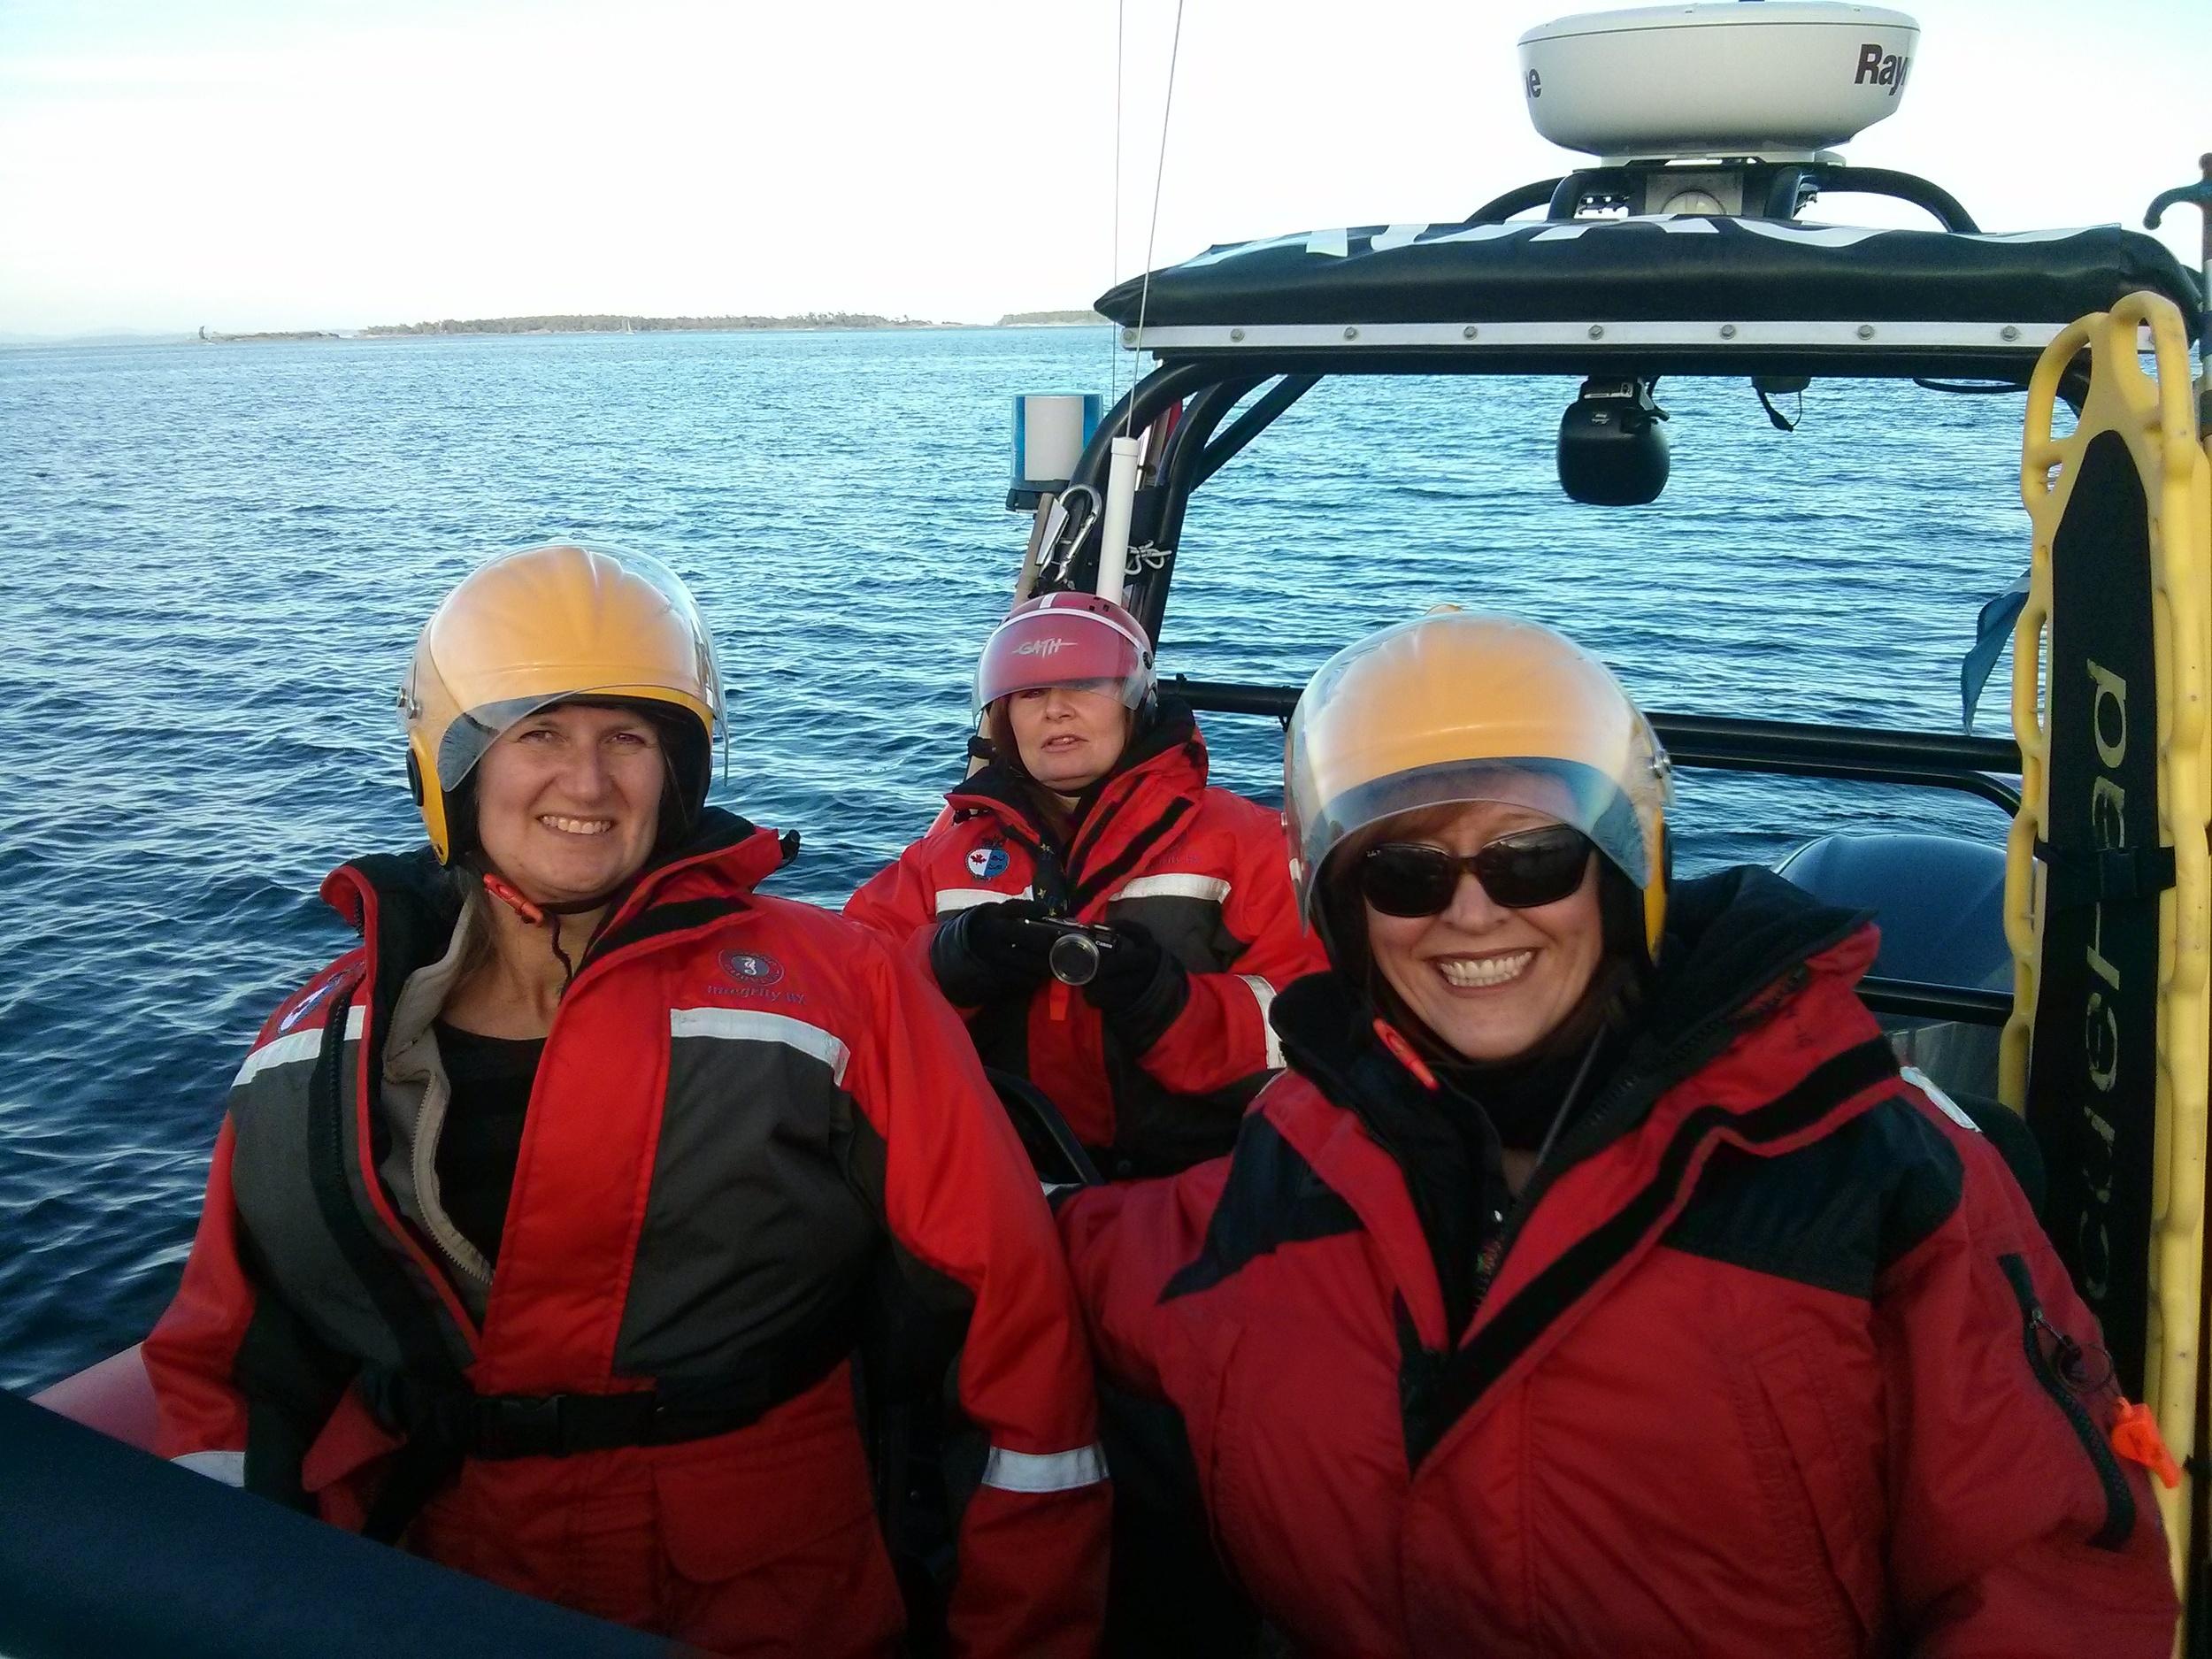 On the Oak Bay Sea Rescue boat